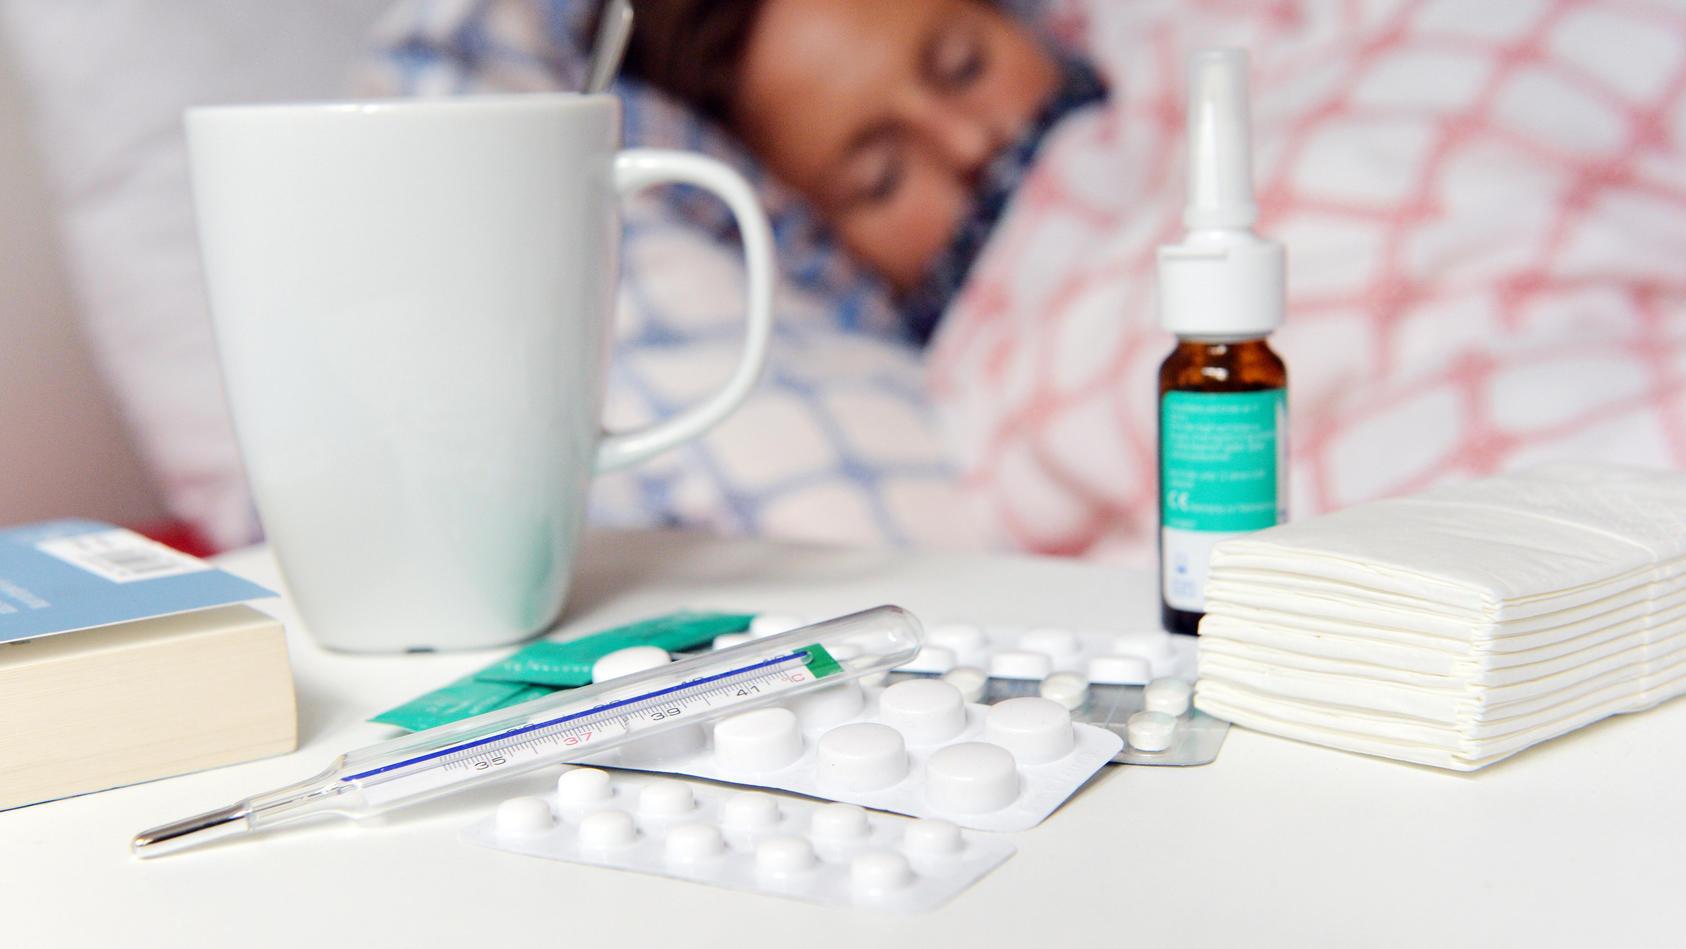 Viele Corona-Symptome ähneln denen einer klassischen Grippe oder Erkältung